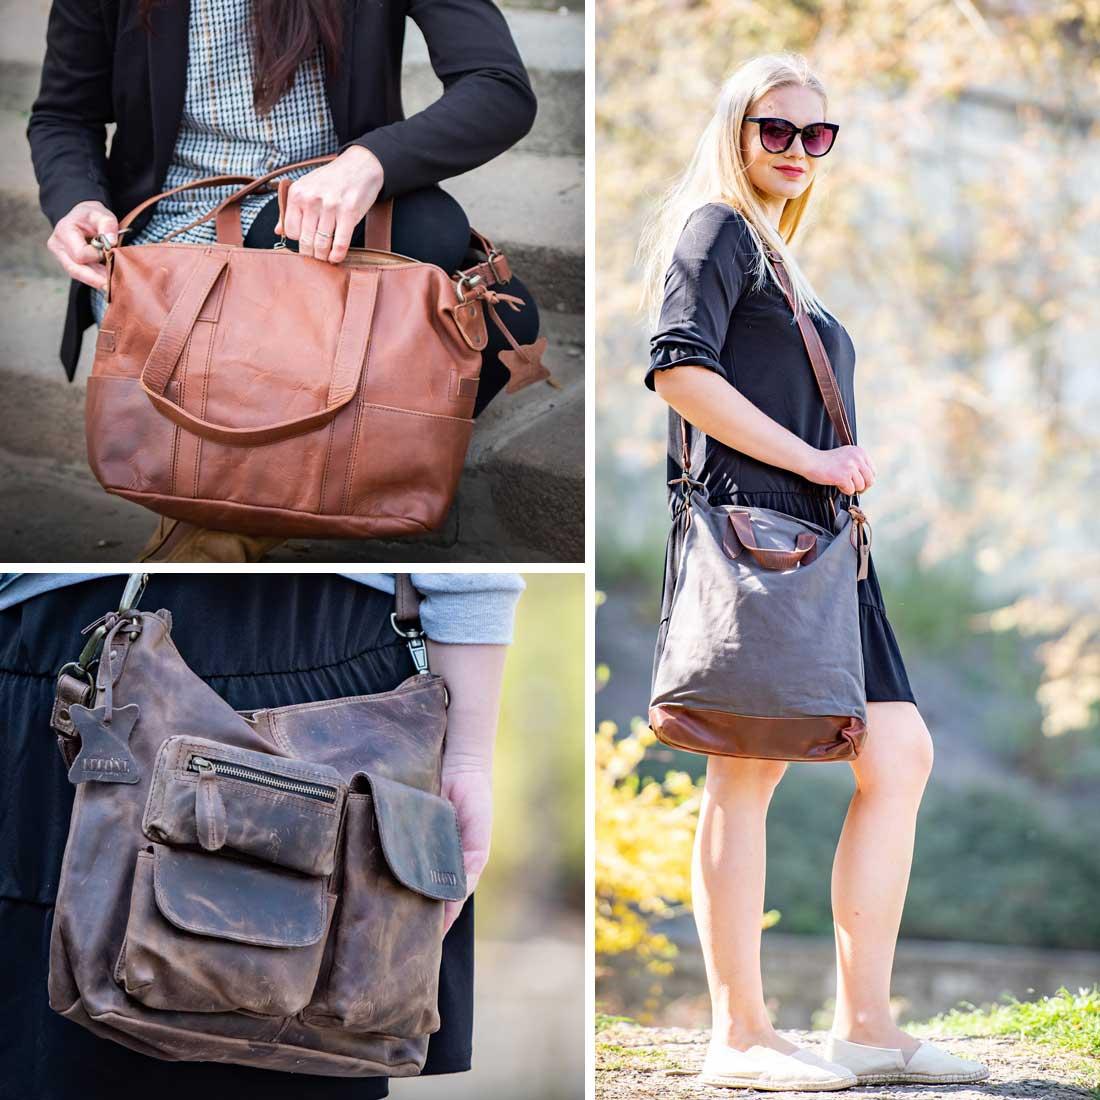 Leconi Damentaschen henkeltaschen echtleder leder schultertasche umhängetasche